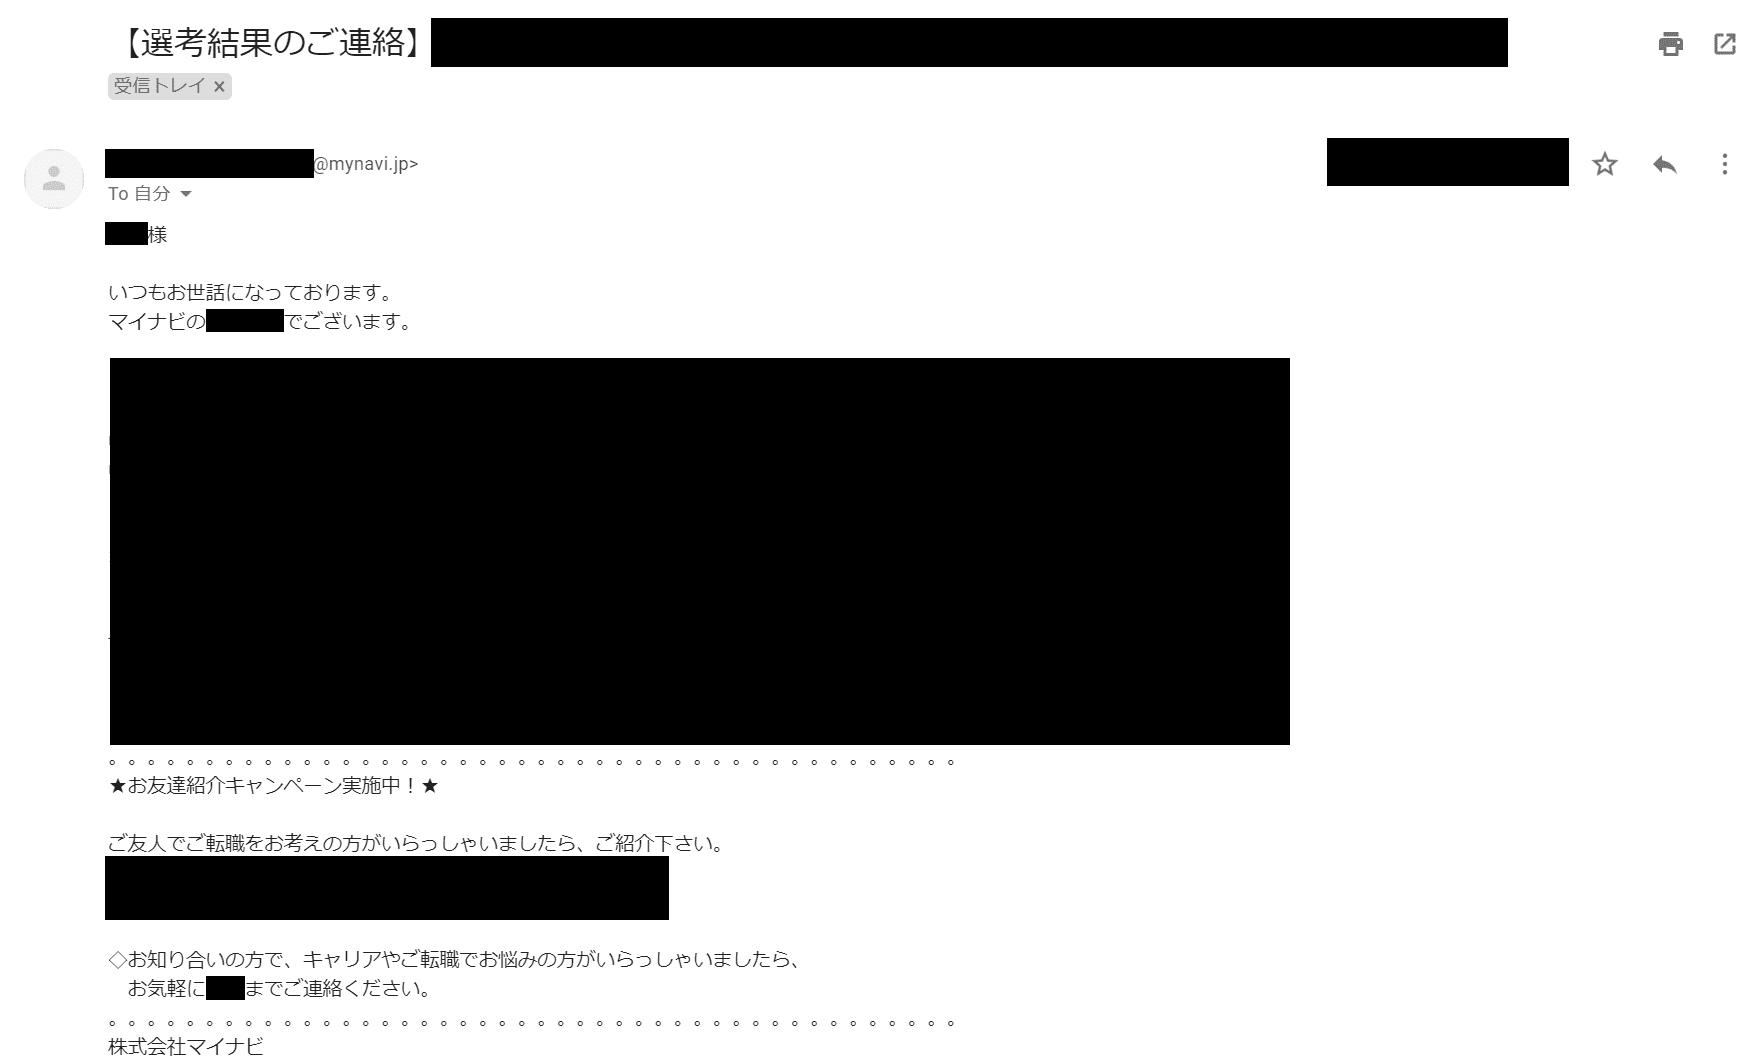 マイナビエージェント 大阪営業所